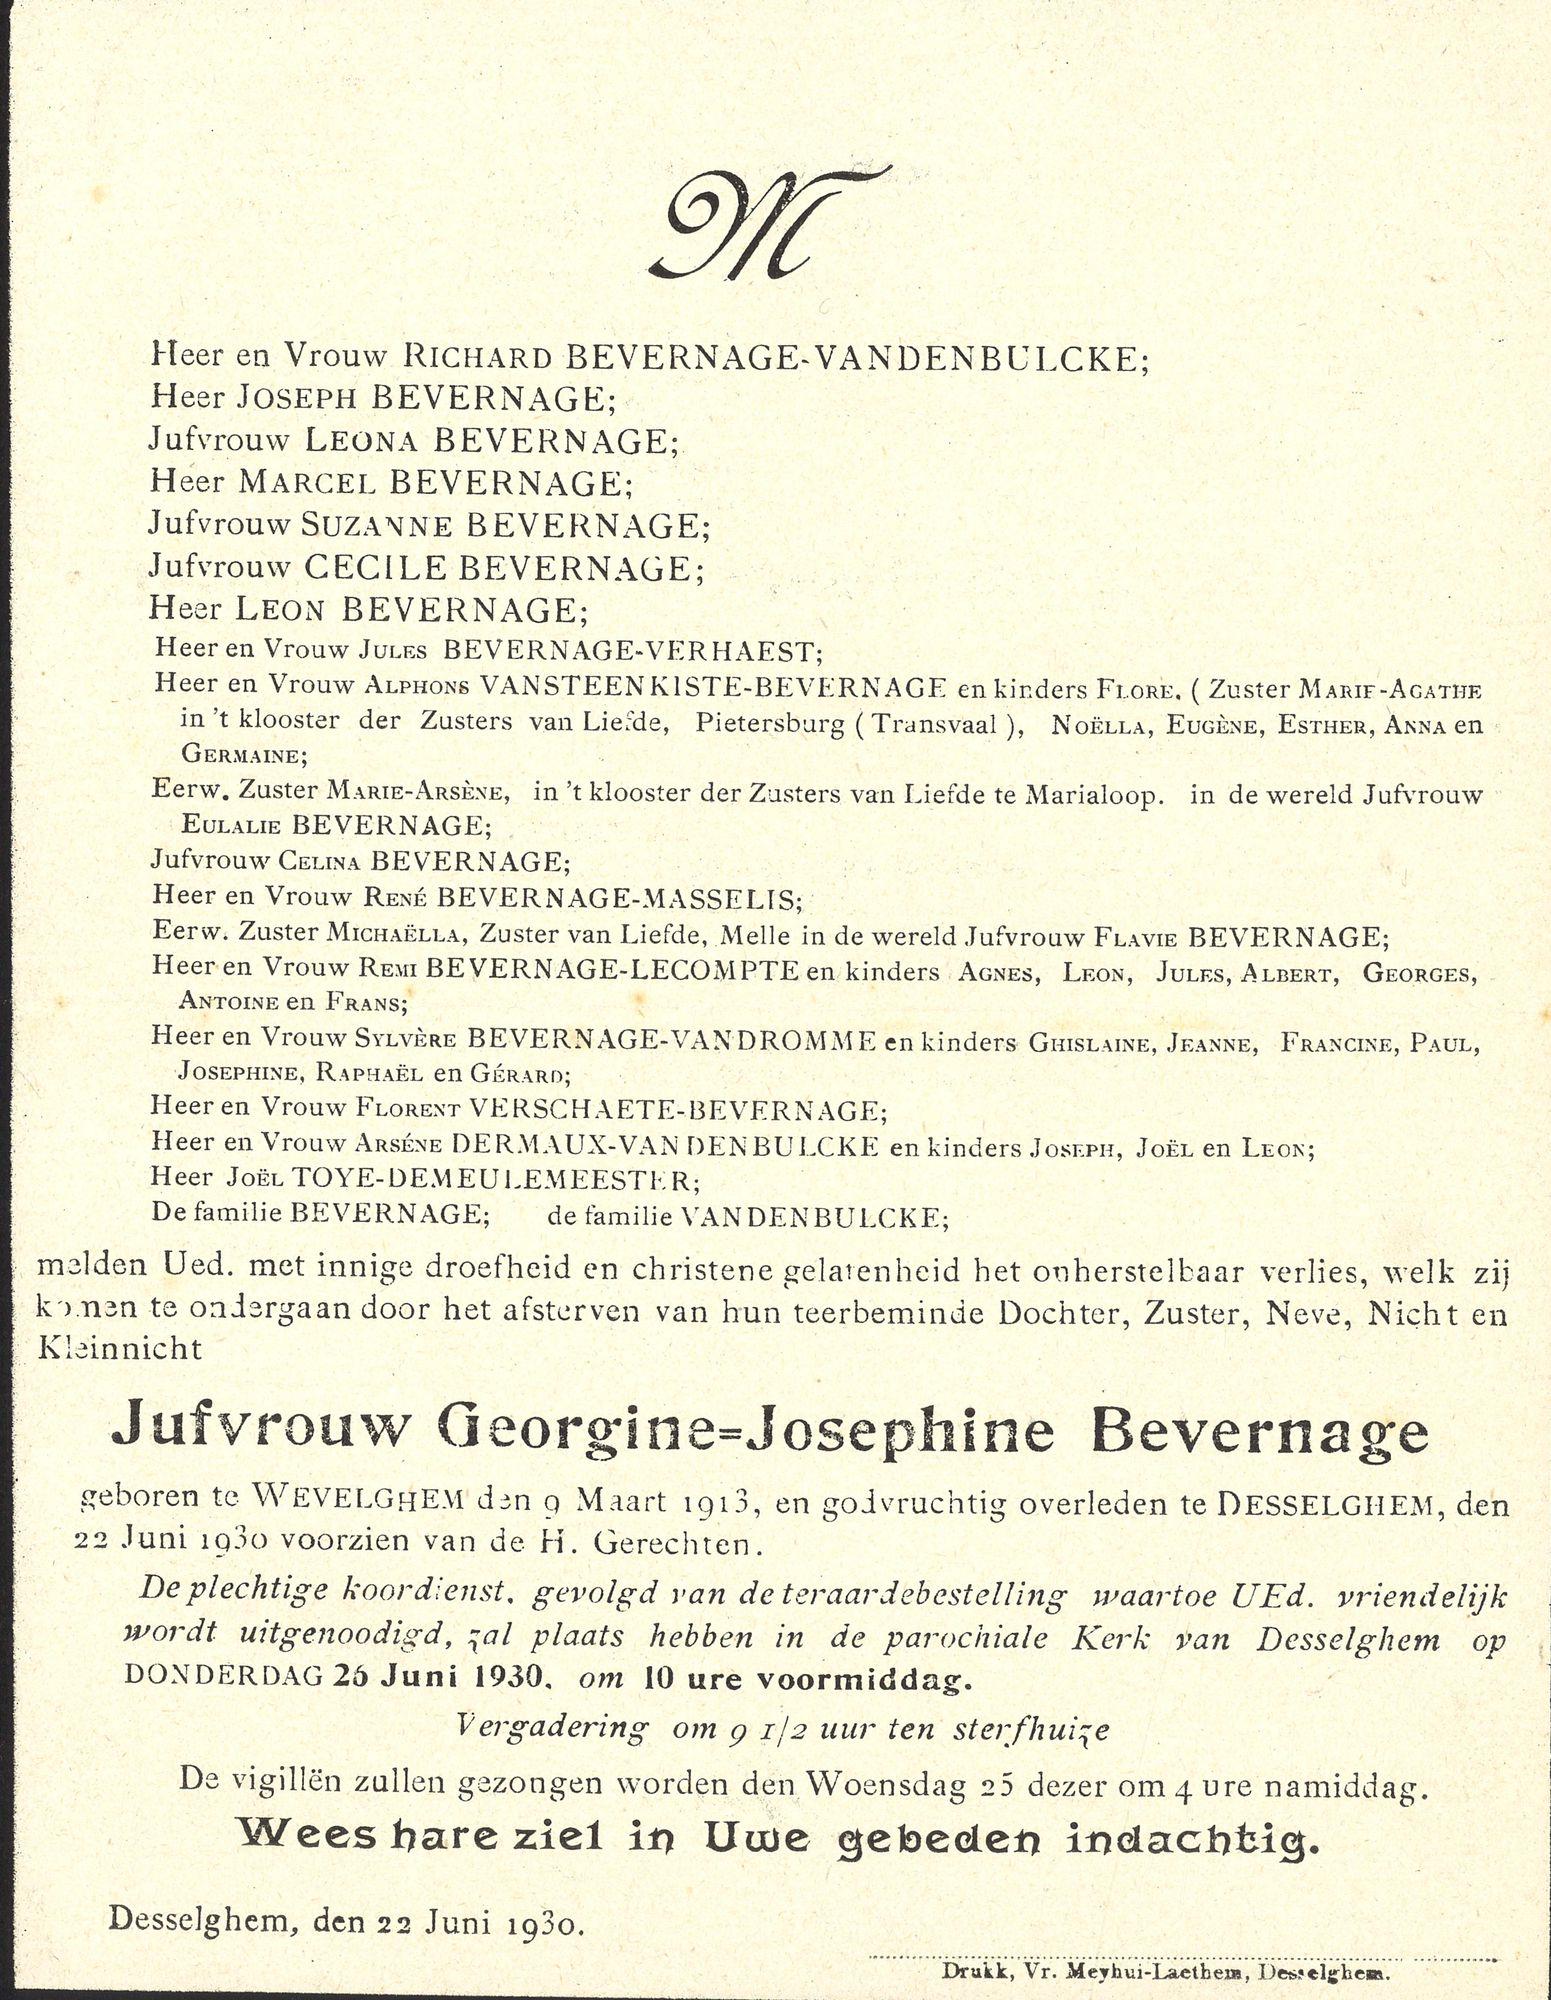 Georgine-Josephine Bevernage